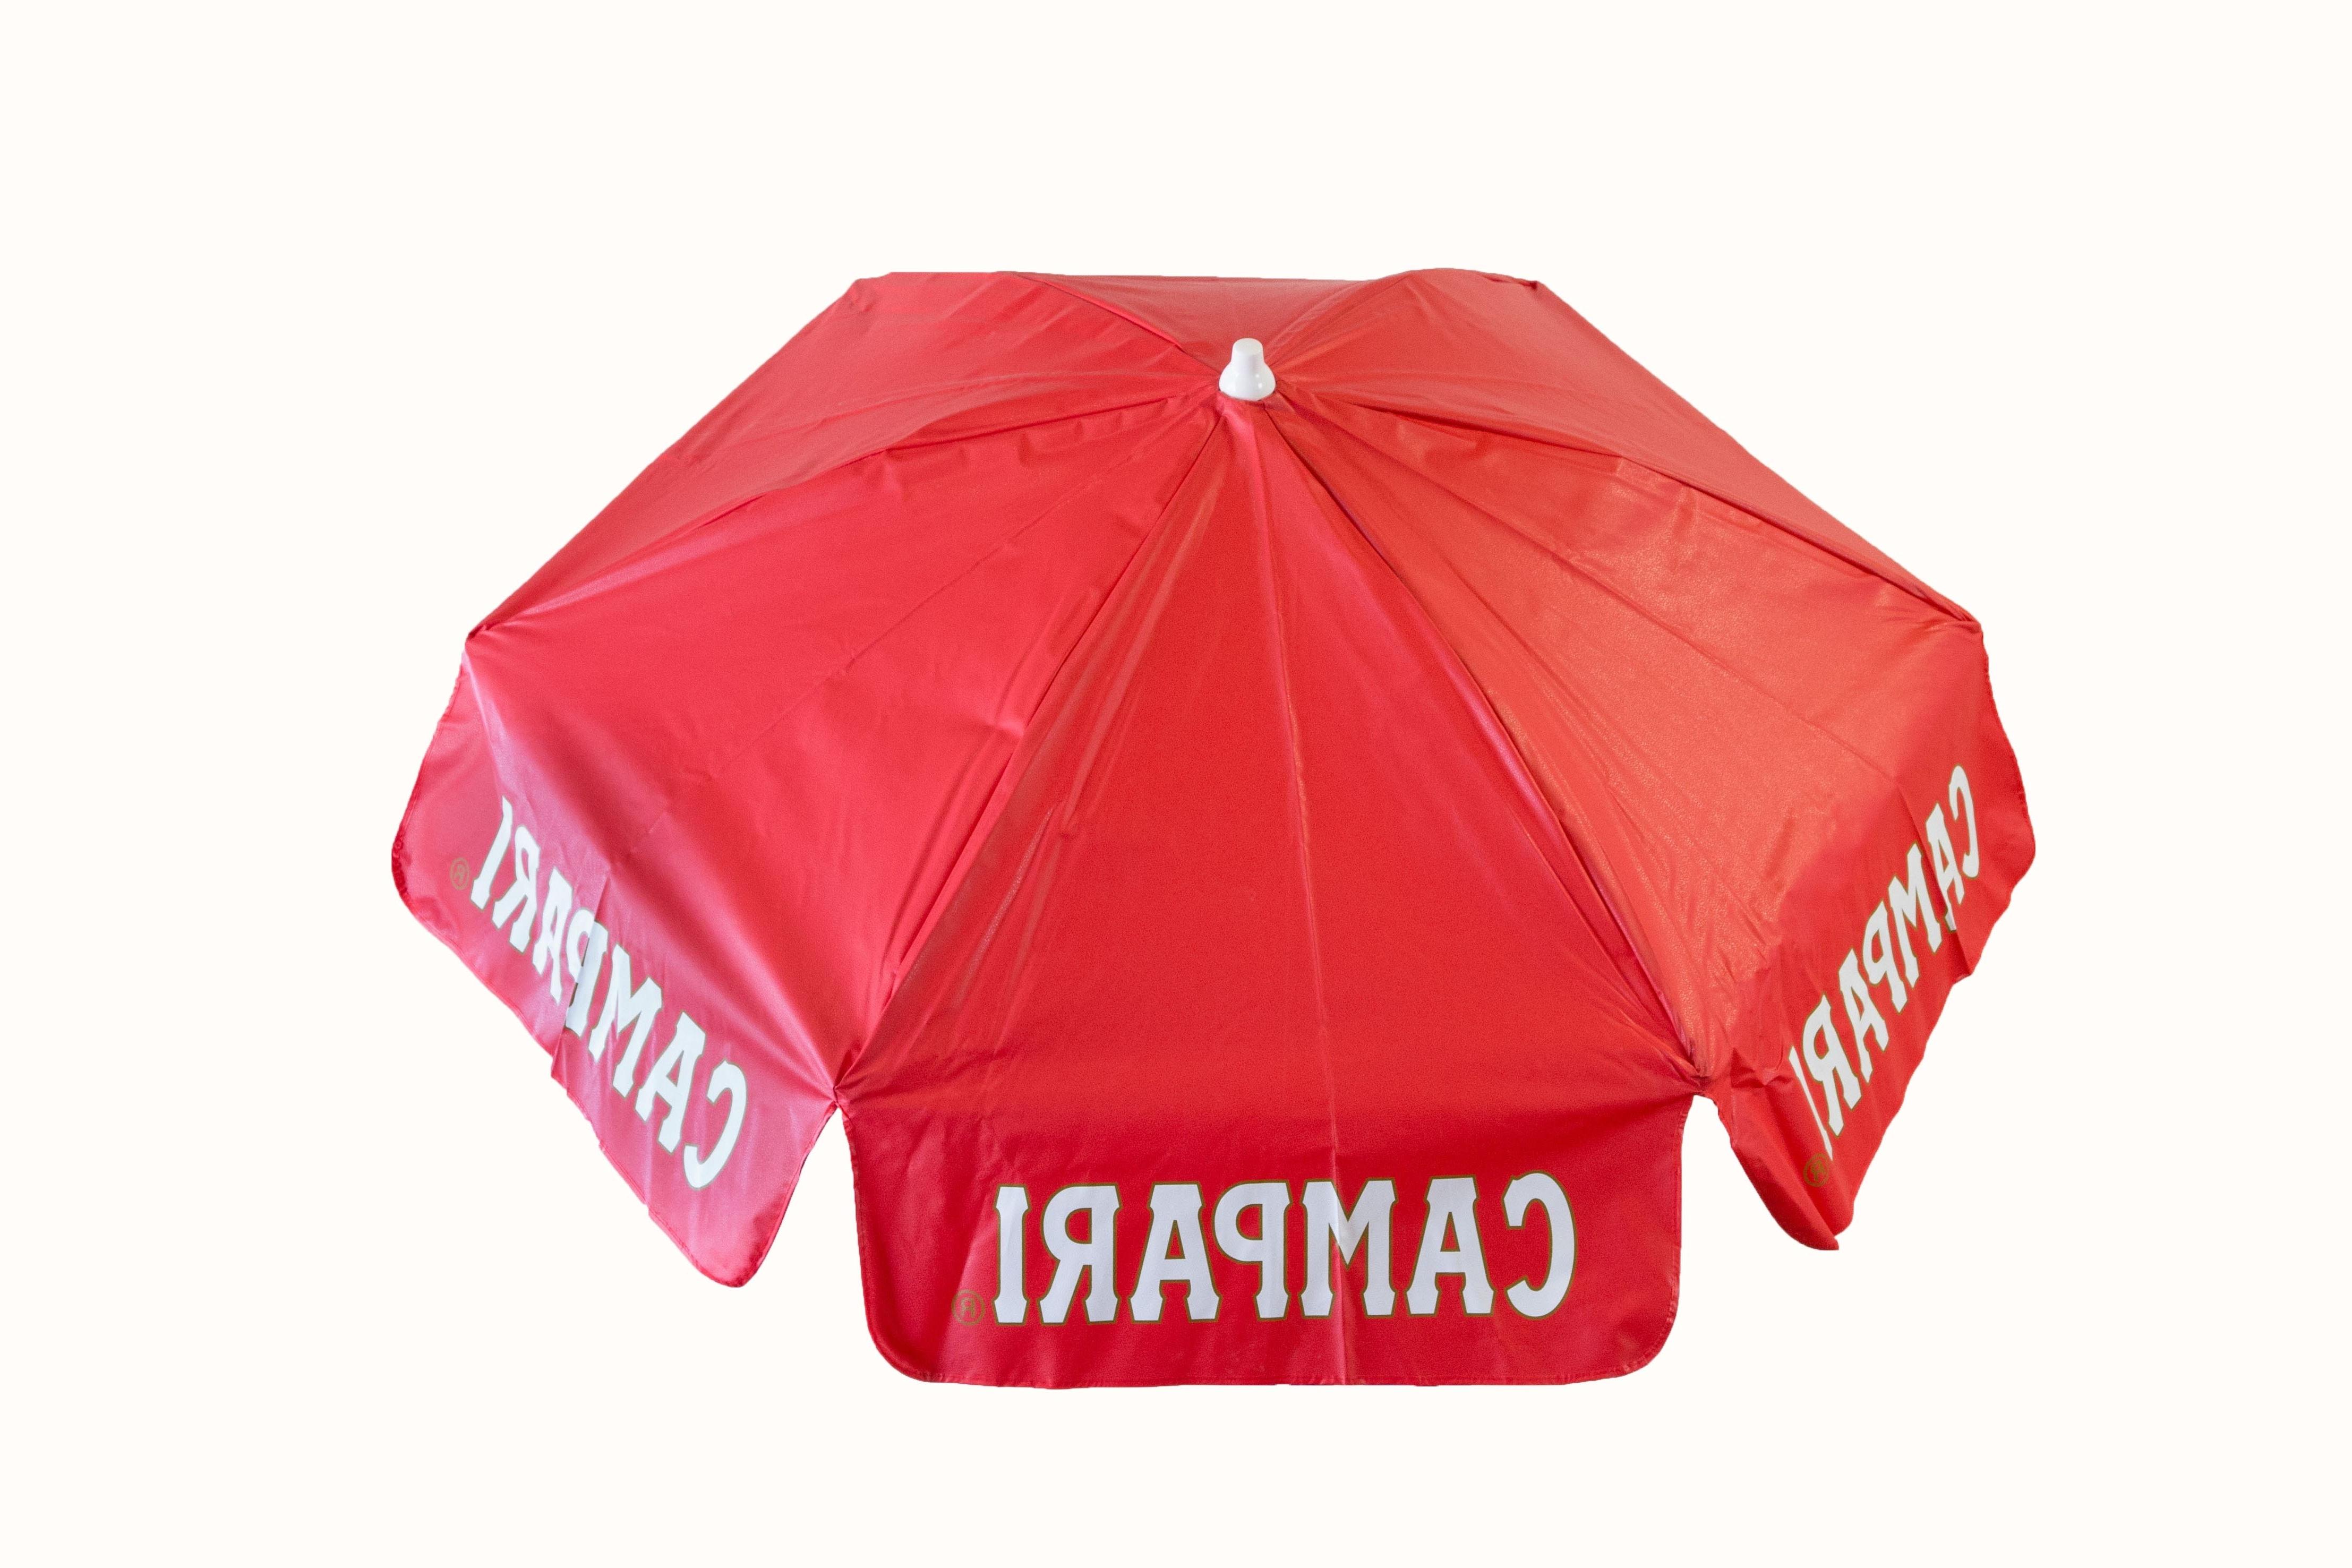 Vinyl Patio Umbrellas For 2018 Patio Umbrellas At American Country (View 15 of 20)